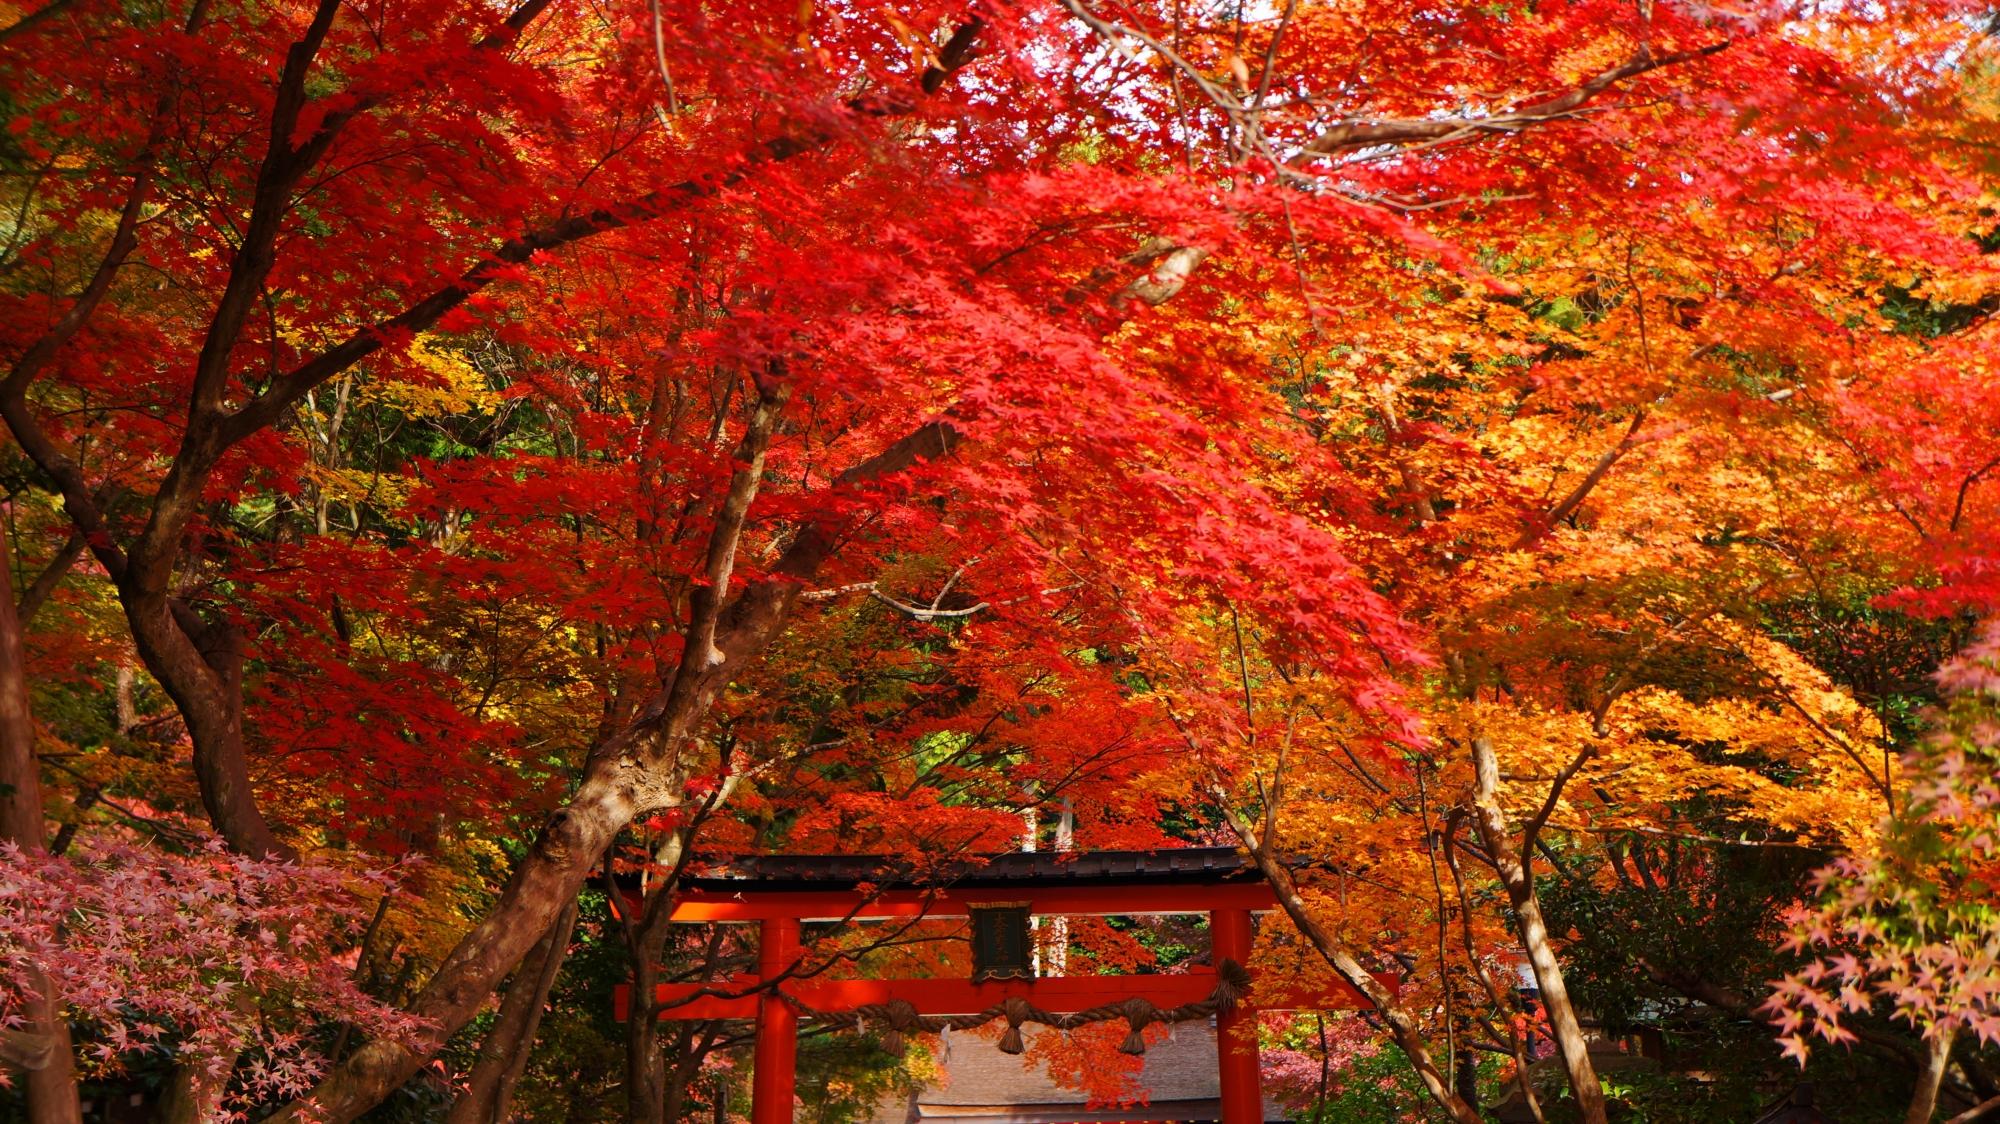 大原野神社 紅葉 写真 高画質